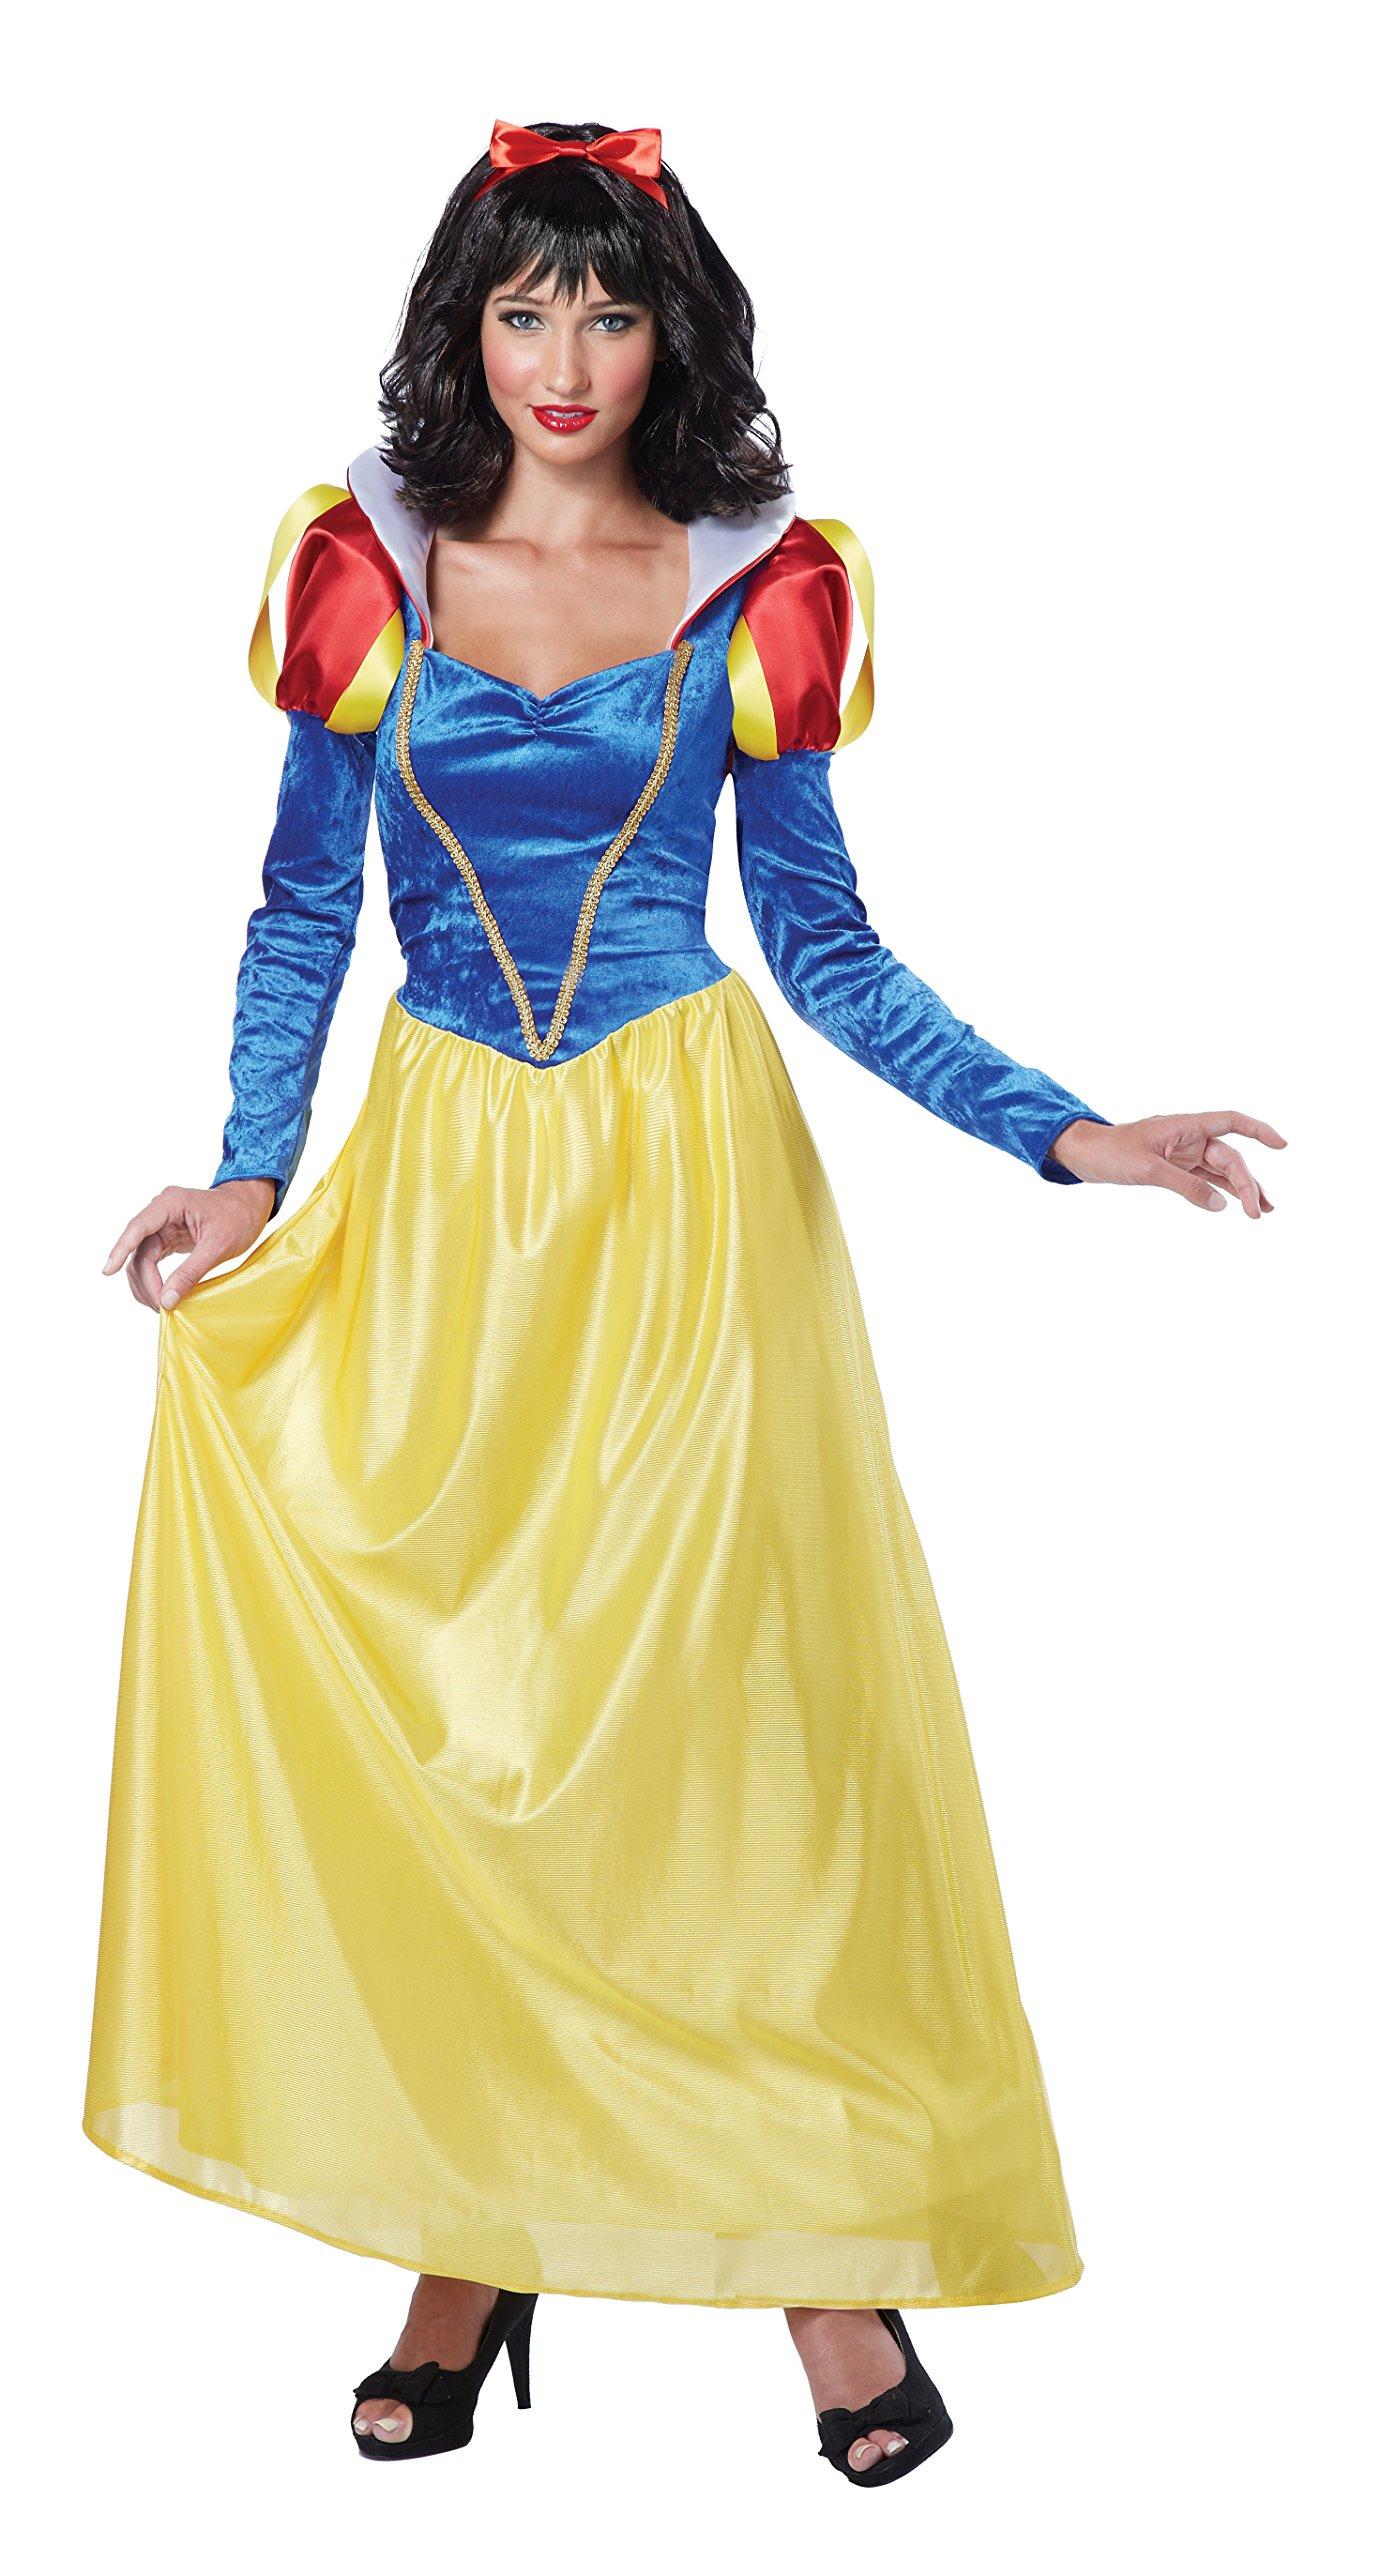 California Costumes Women's Snow White,Blue/Yellow, Medium Costume